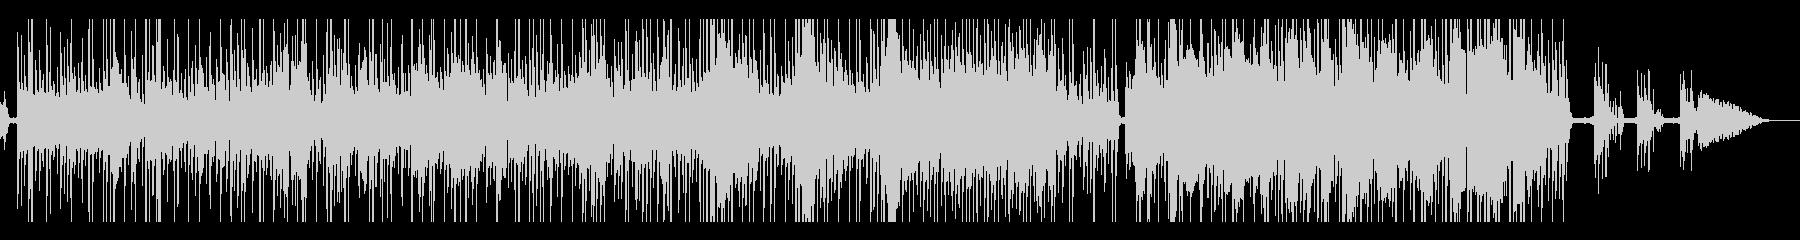 ワルツの曲に可愛い女性vocalの未再生の波形